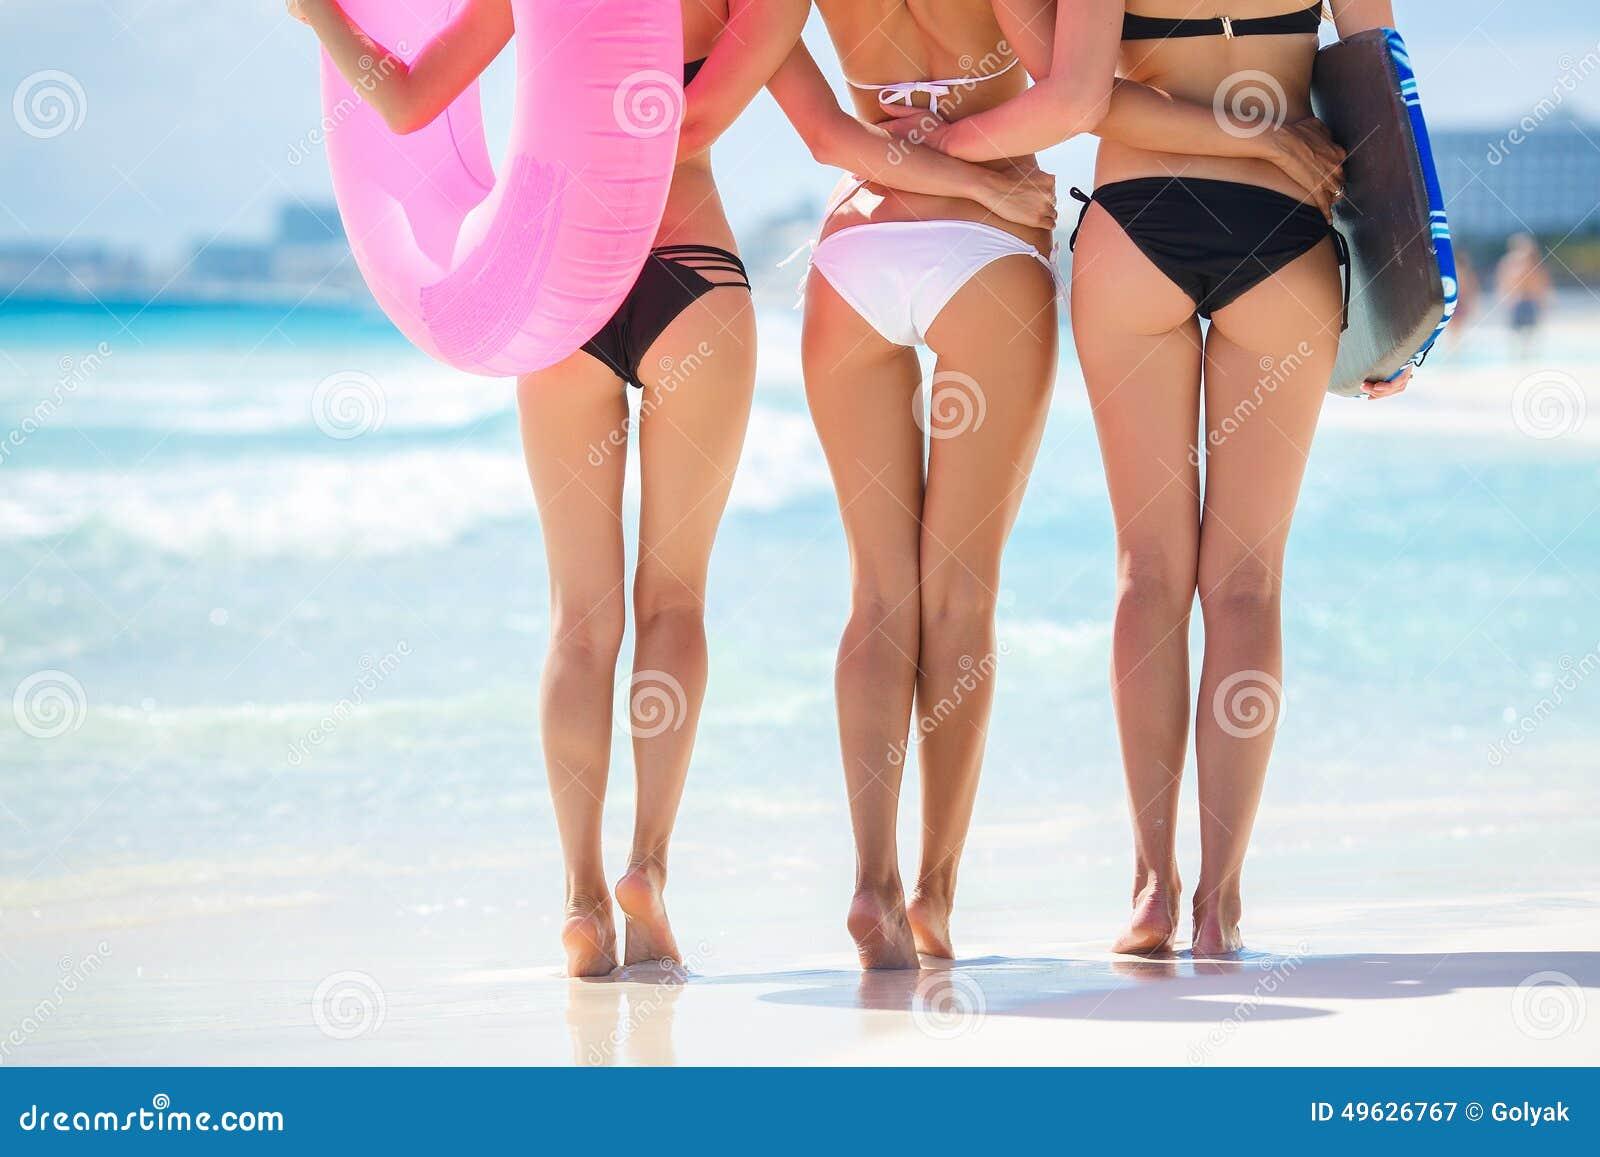 Drei schöne junge Frauen auf dem Strand in einem Bikini